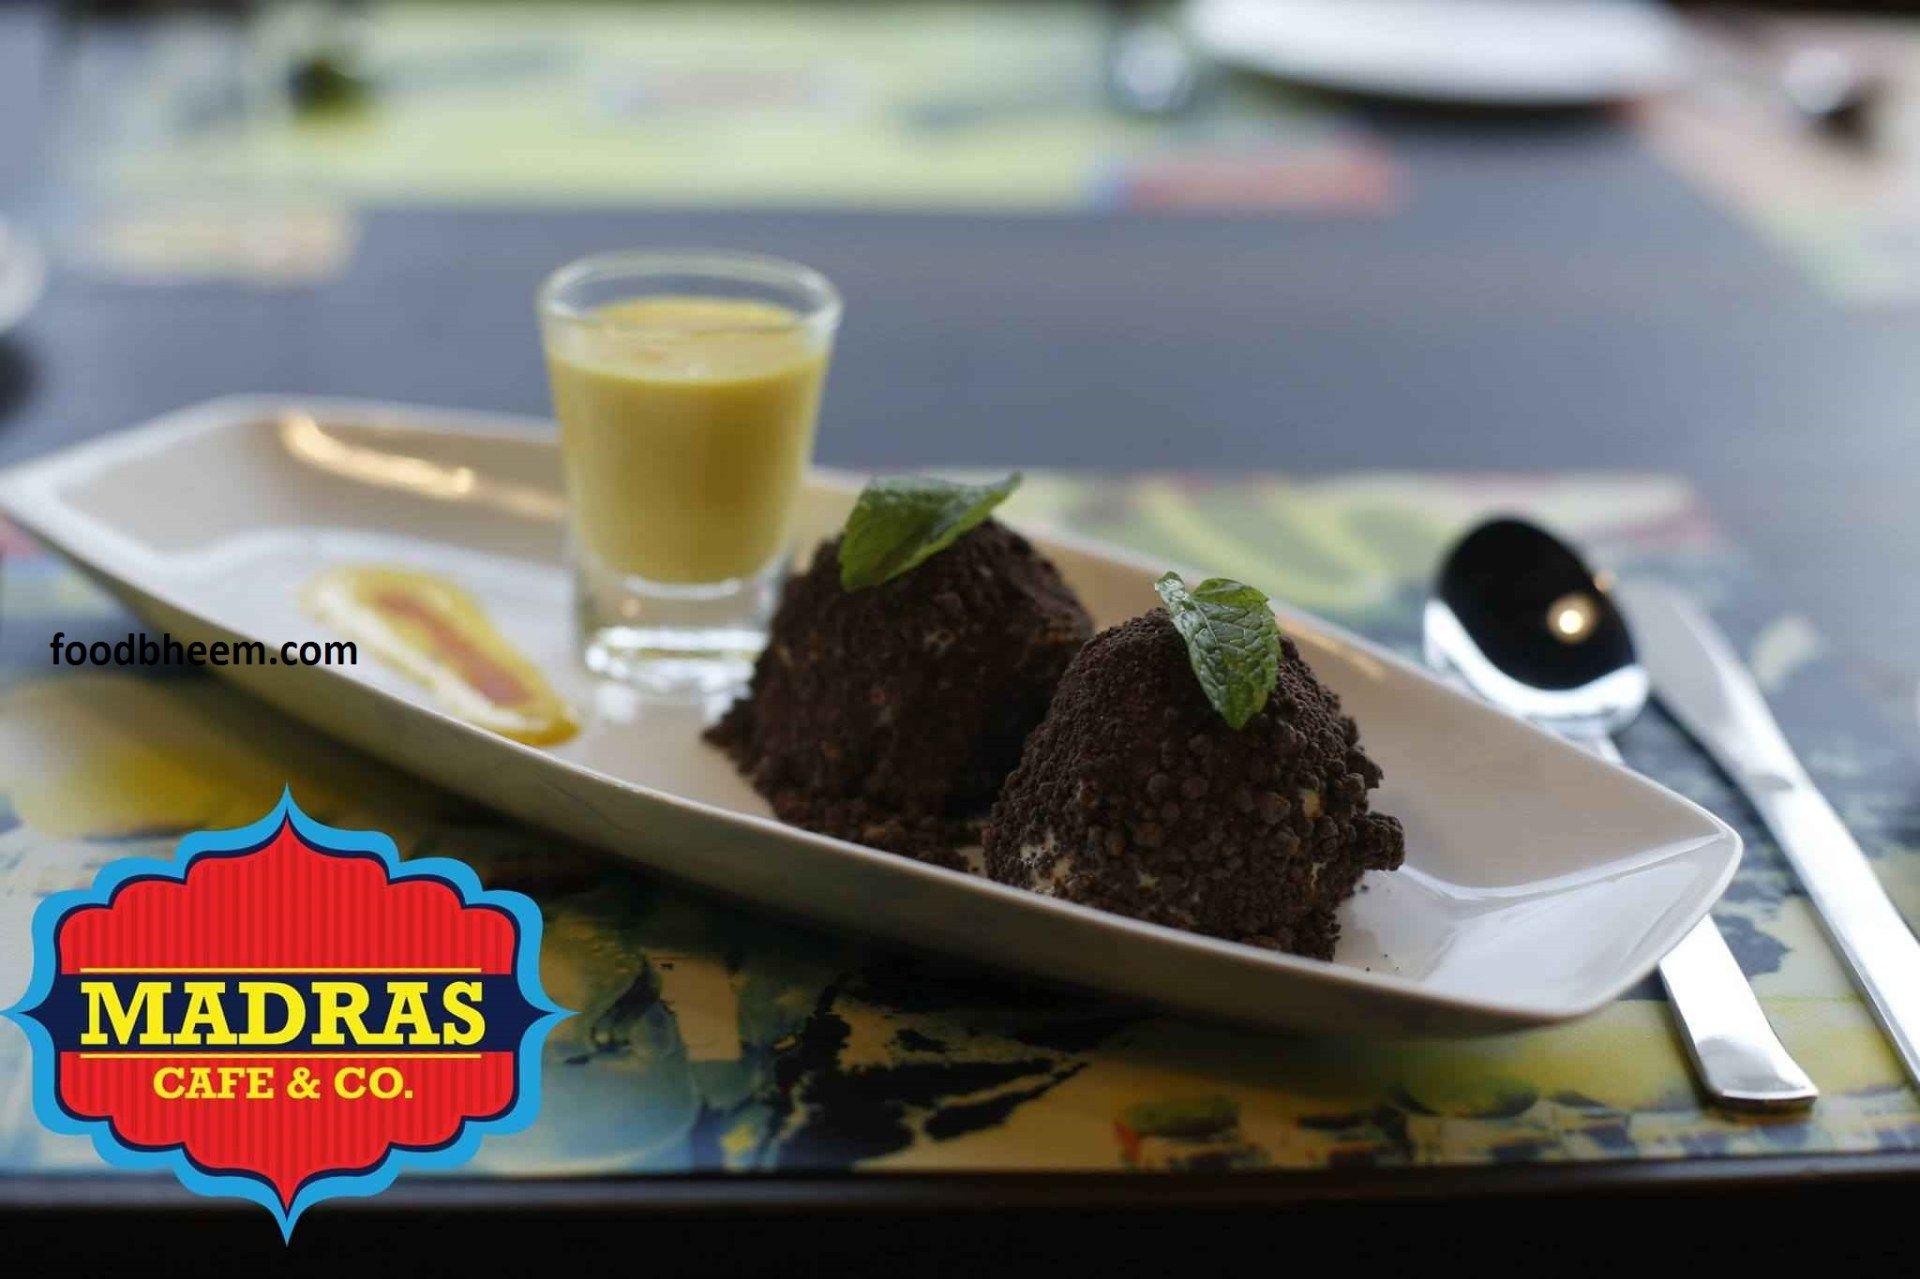 Madras Cafe Hitech City Madras cafe, Cafe, Food